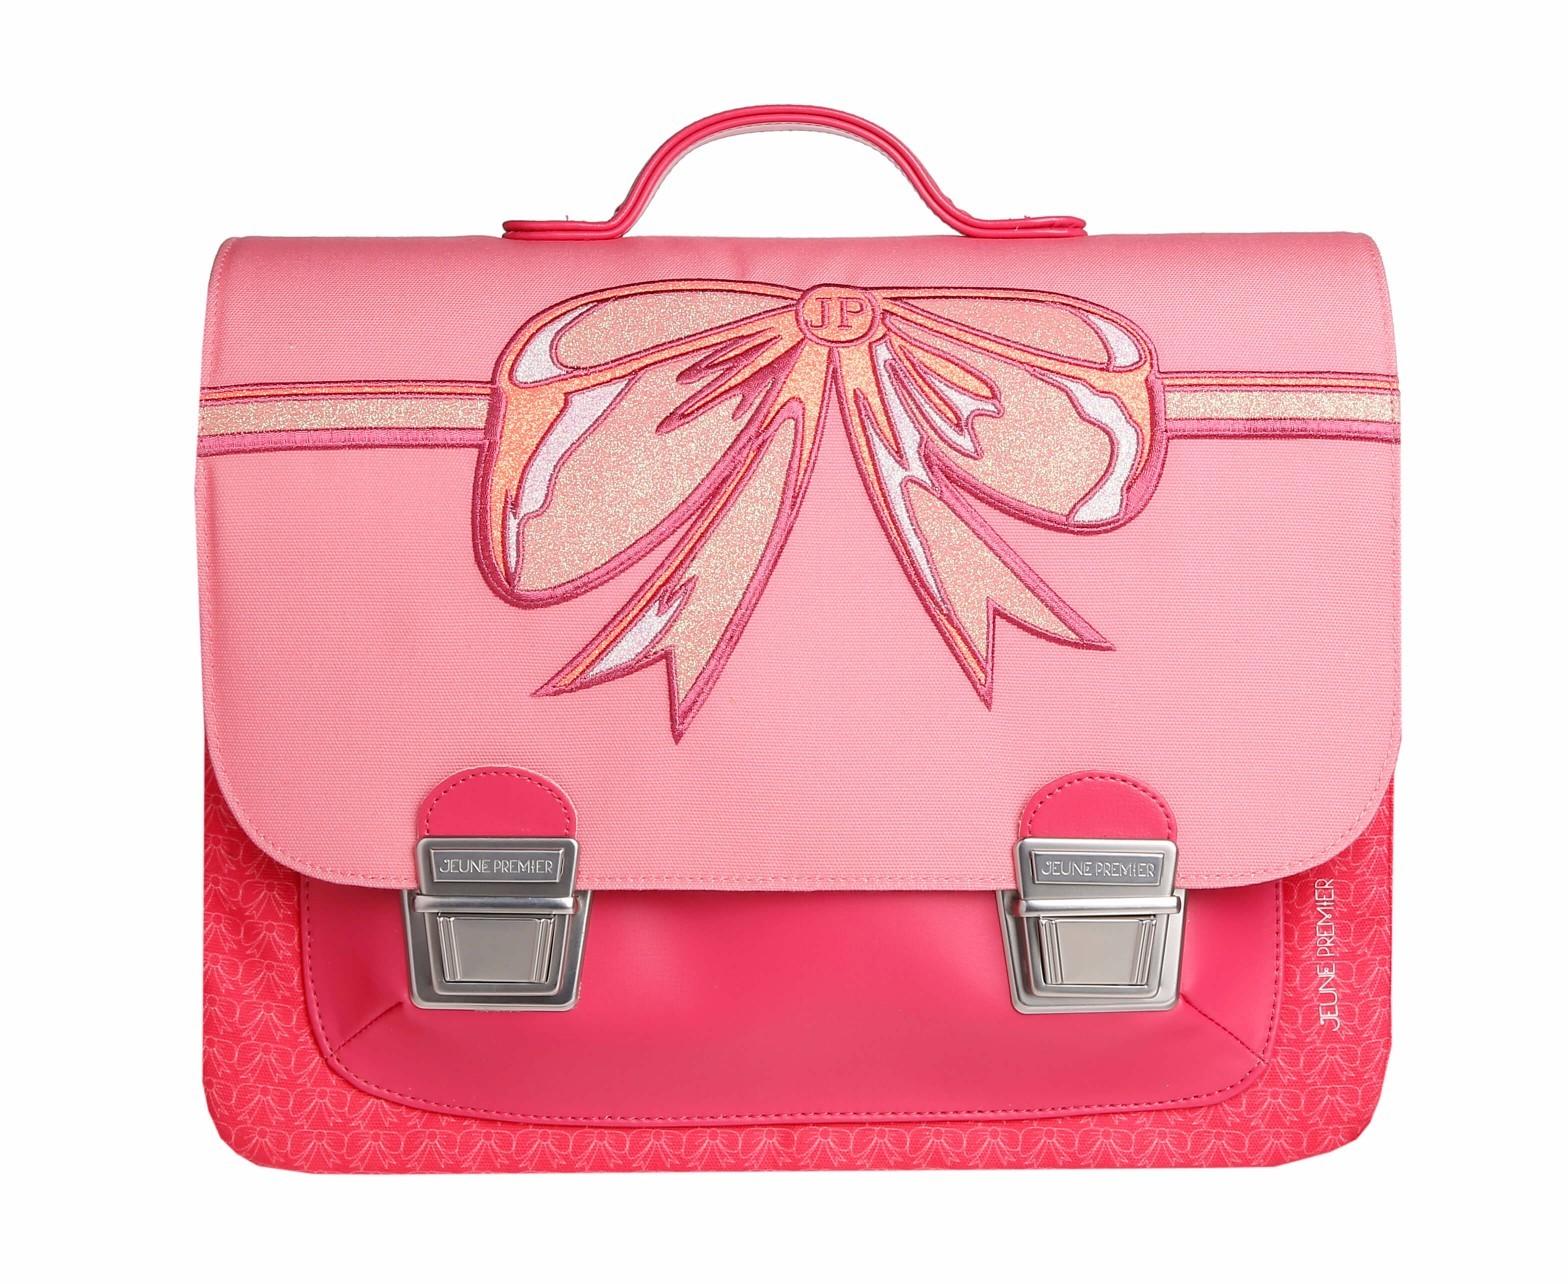 Школьный портфель для девочки Jeune Premier BOW Бант Midi, - фото 1